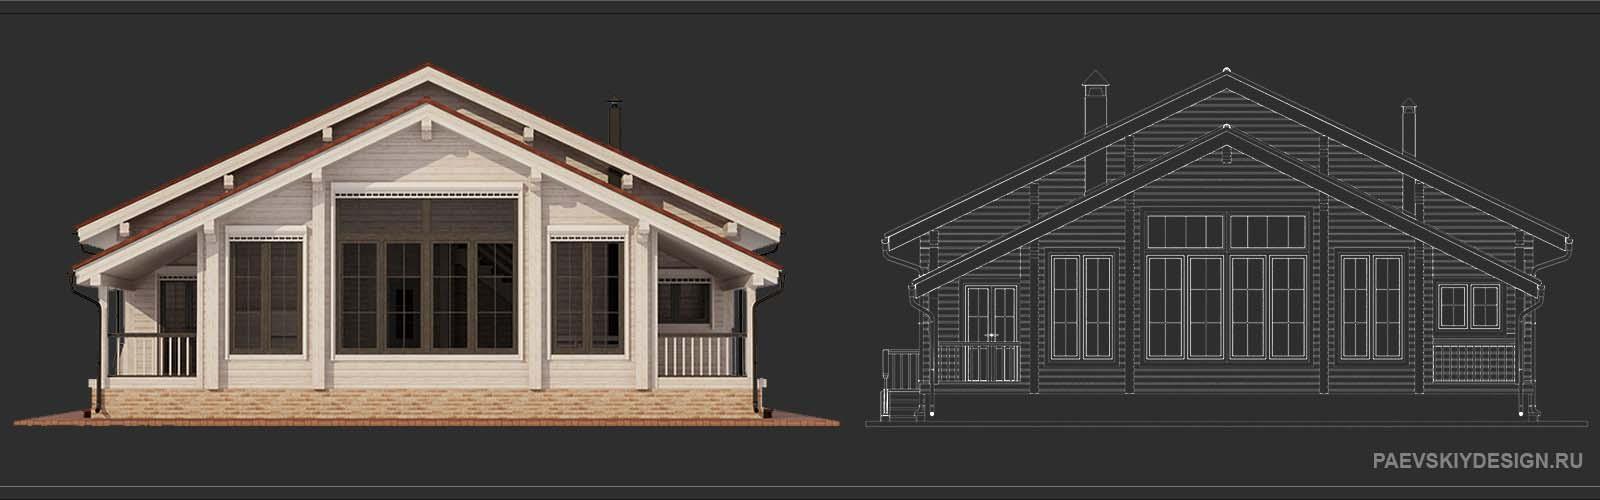 Цветовое решение для деревянного дома из профилированного бруса